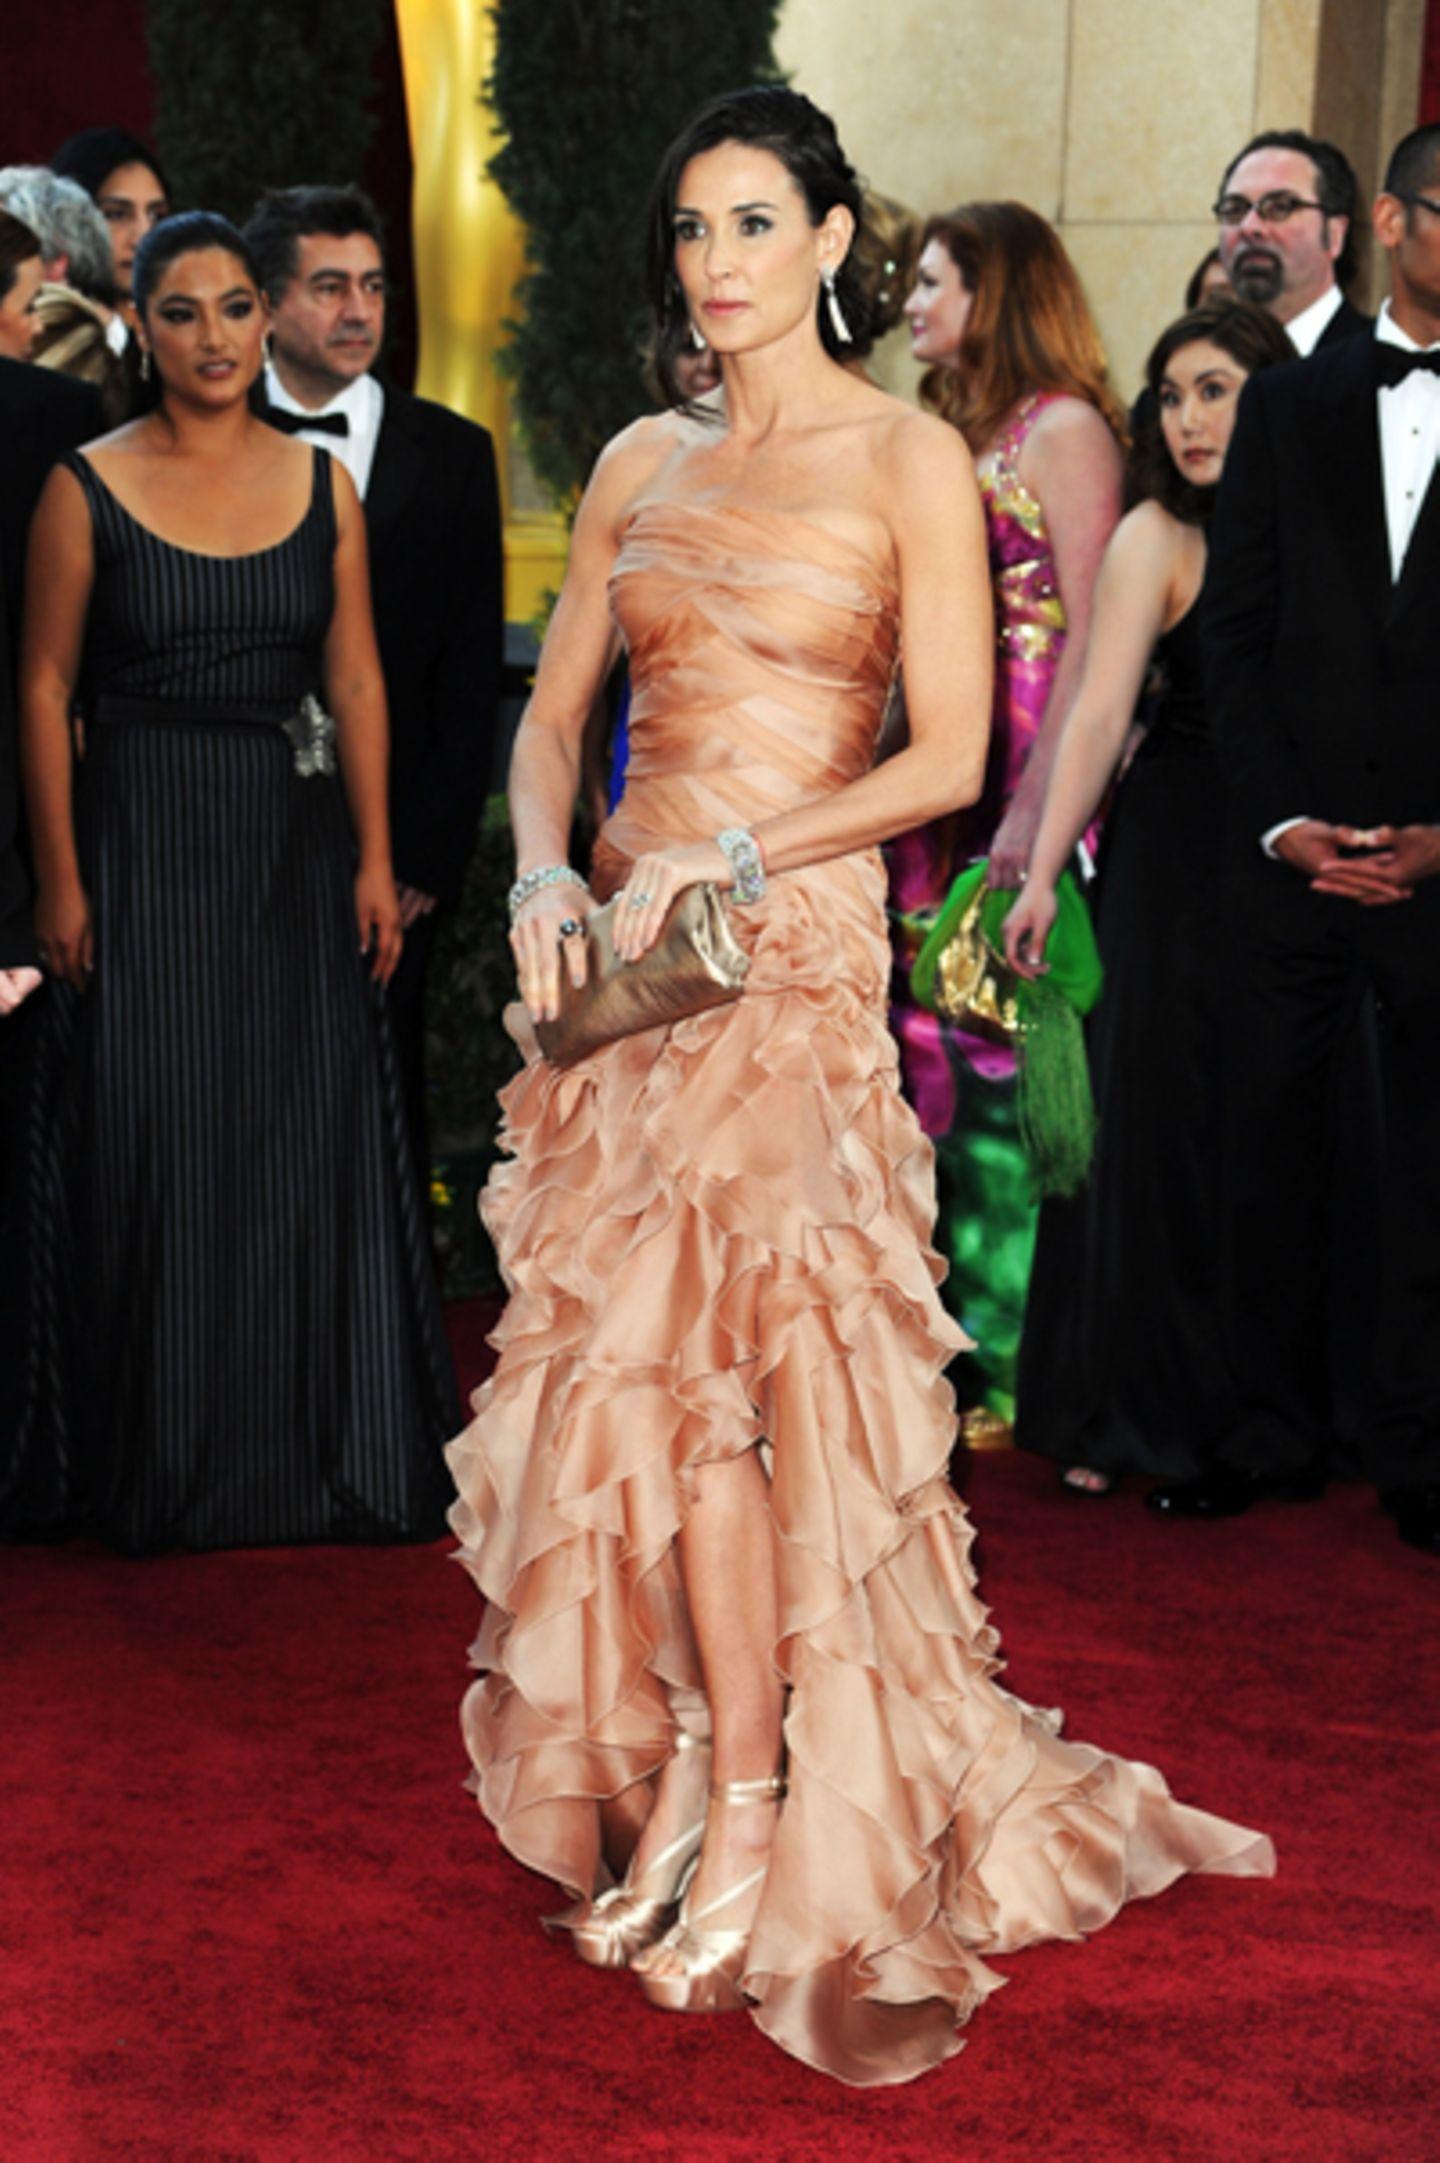 Demi Moore  Rank und schlank (und faltenlos) wie eine 20-jährige präsentierte sich Demi Moore in einer nudefarbenen (voll im Trend!) Bustierrobe mit Schnürungen, seitlich geschlitzt und nach unten hin mit großzügigen Rüschen besetzt. Weil das Kleid ansich allerdings schon Bände spricht, hätte sie ruhig auf das ein oder andere Schmuckstück verzichten können (und sich für eine dezentere Clutch entscheiden sollen).